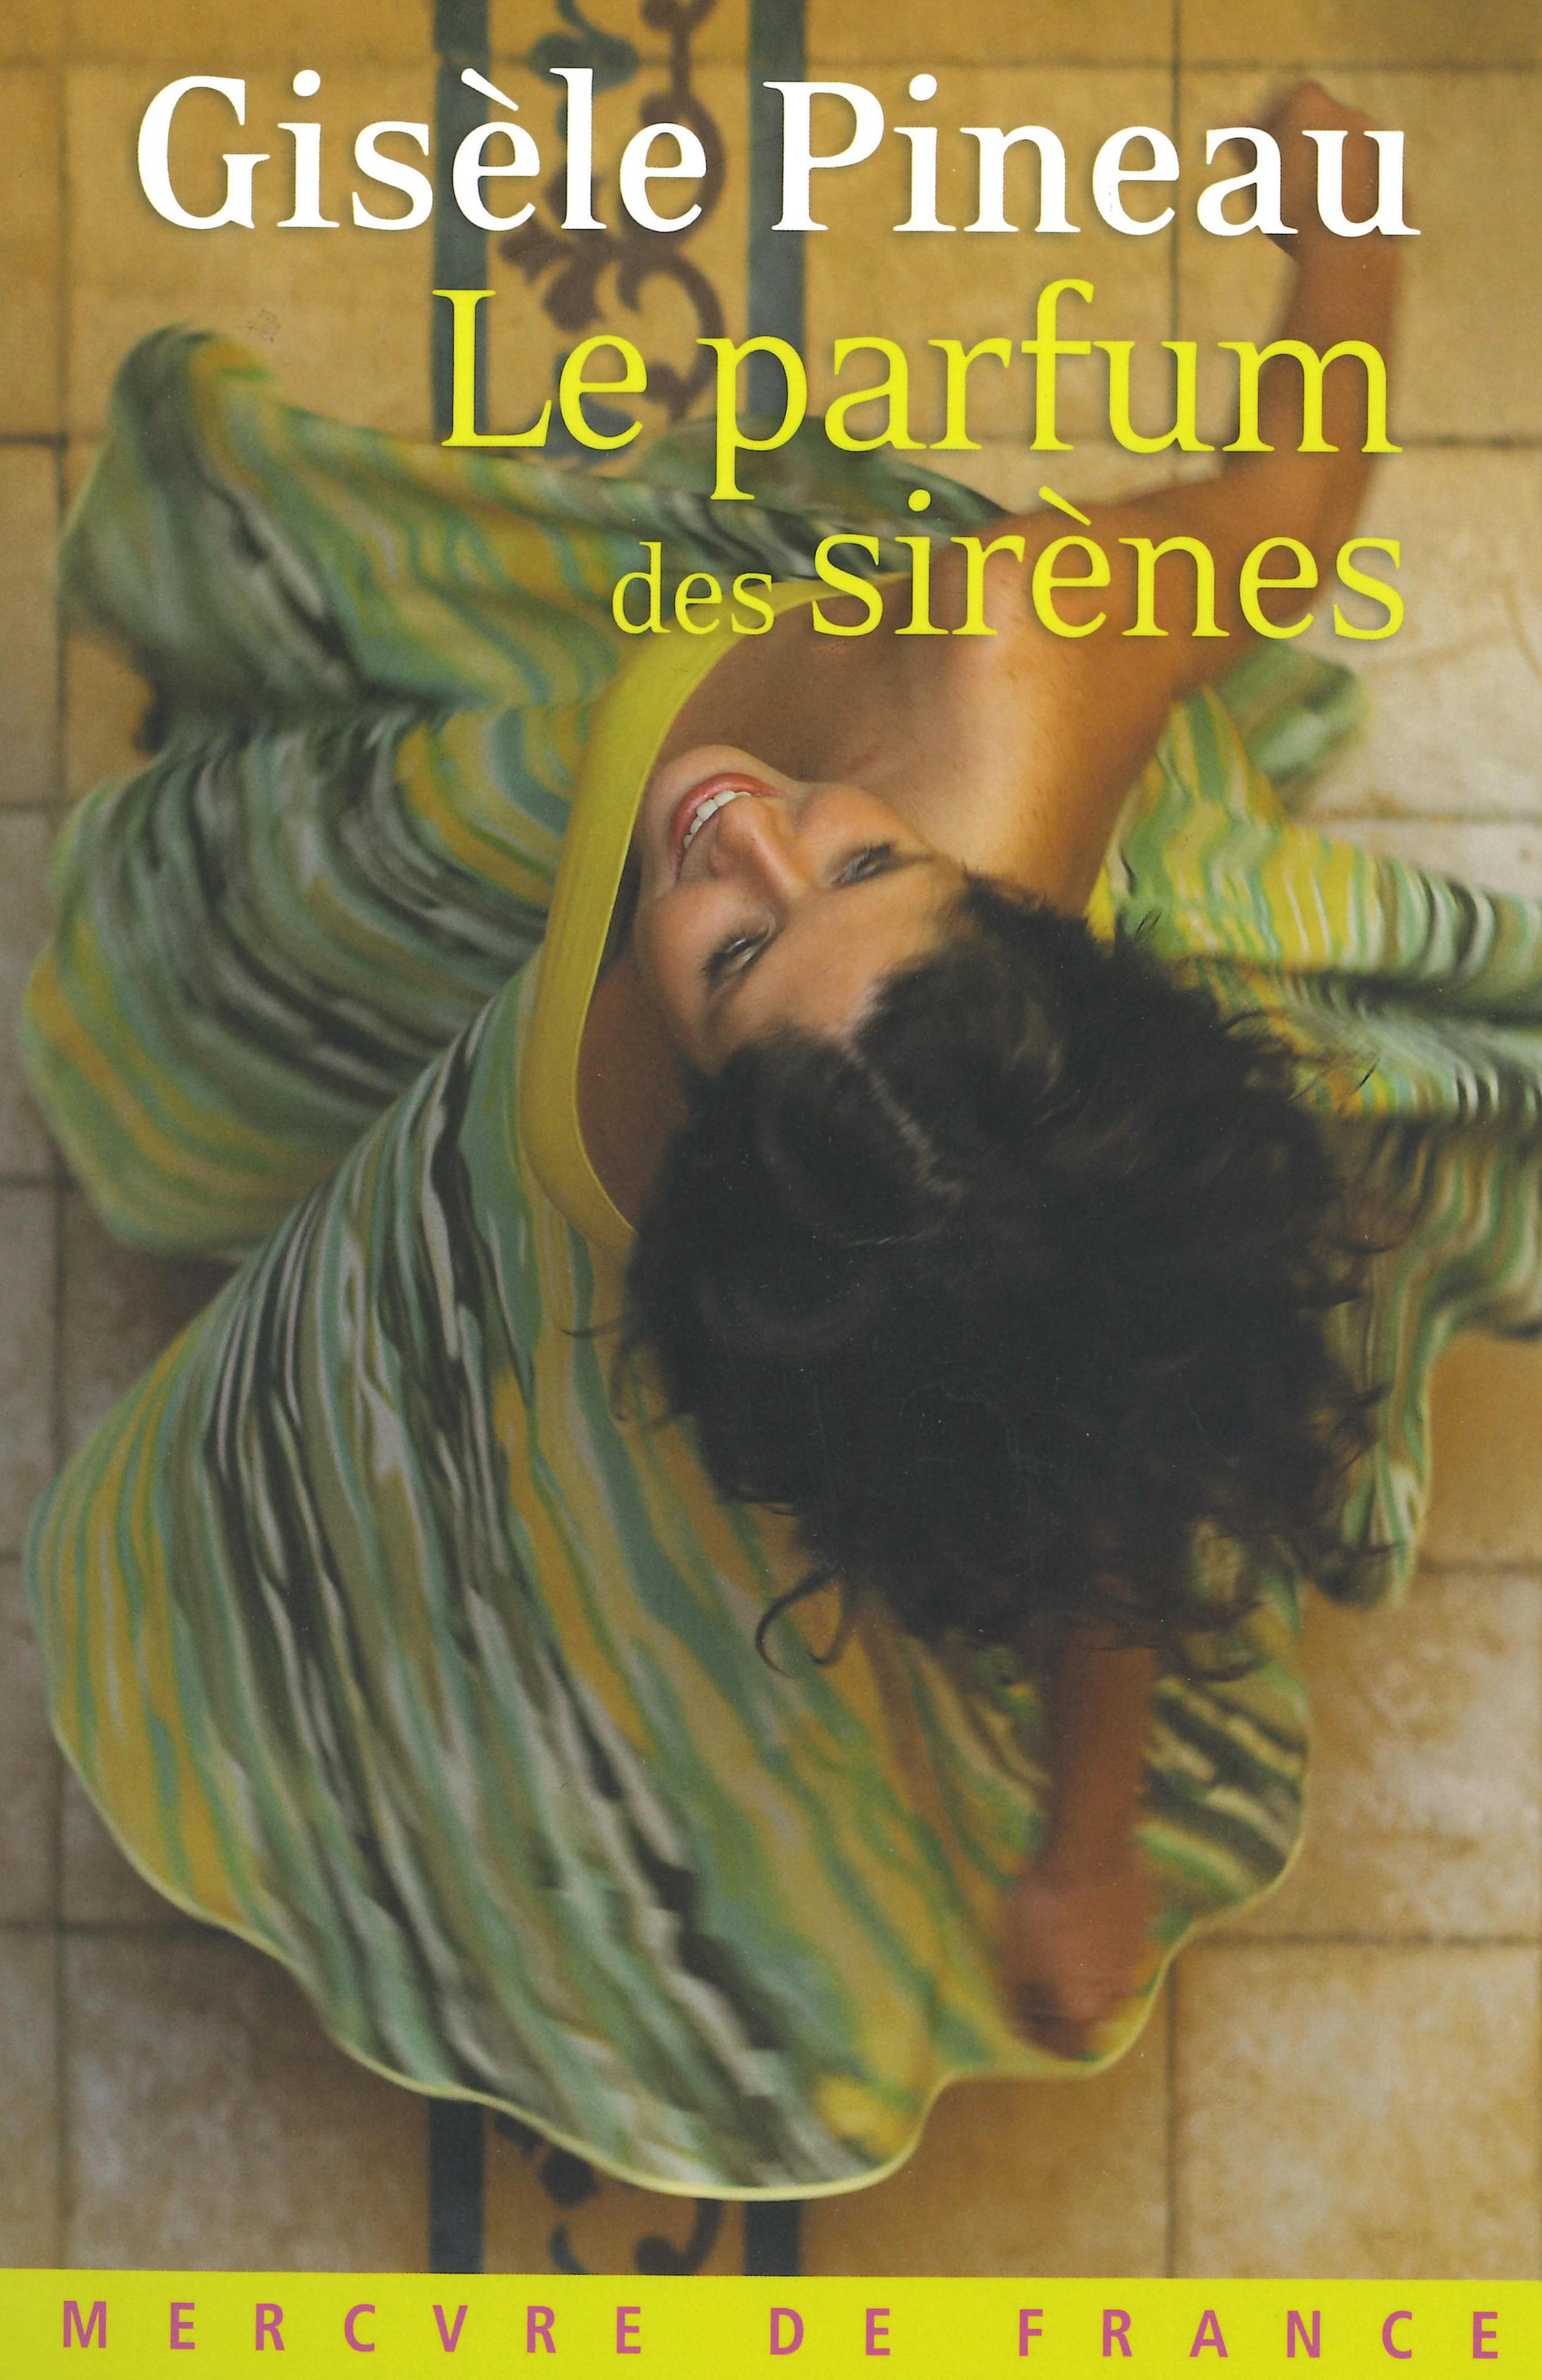 Gisèle Pineau est Guadeloupéenne et l'auteur notamment de La Grande Drive des Esprits, Chair Piment et Les voyages de Merry Sisal.